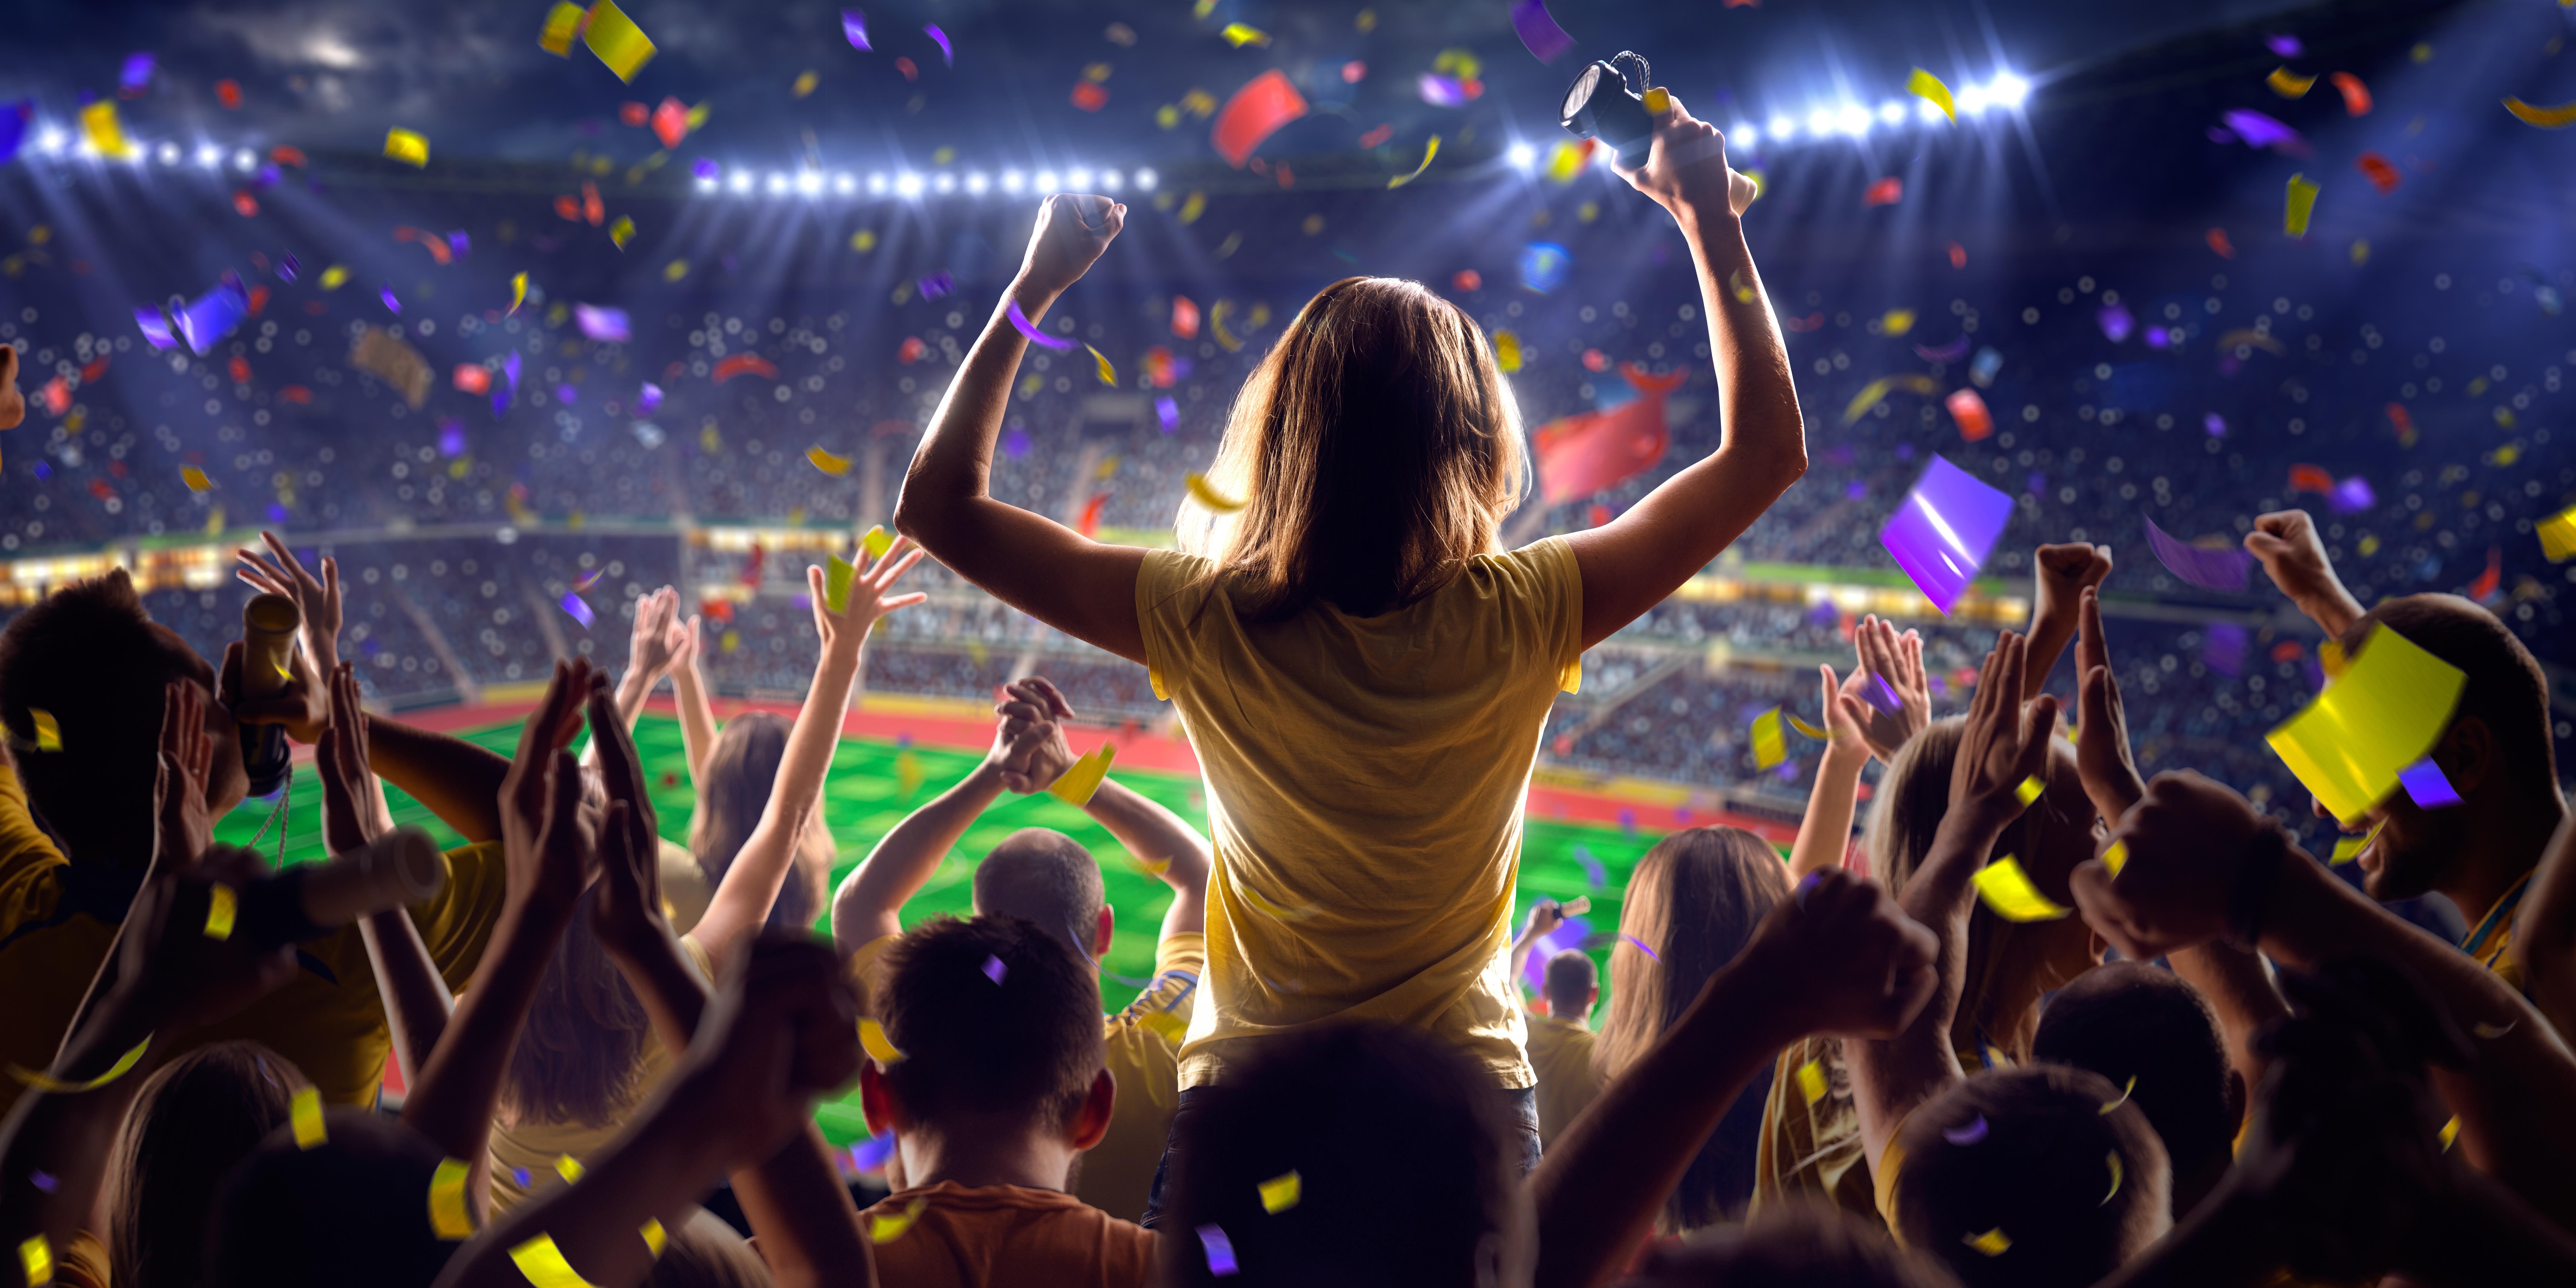 15兆円を目指すスポーツ市場、何を増やすのか?